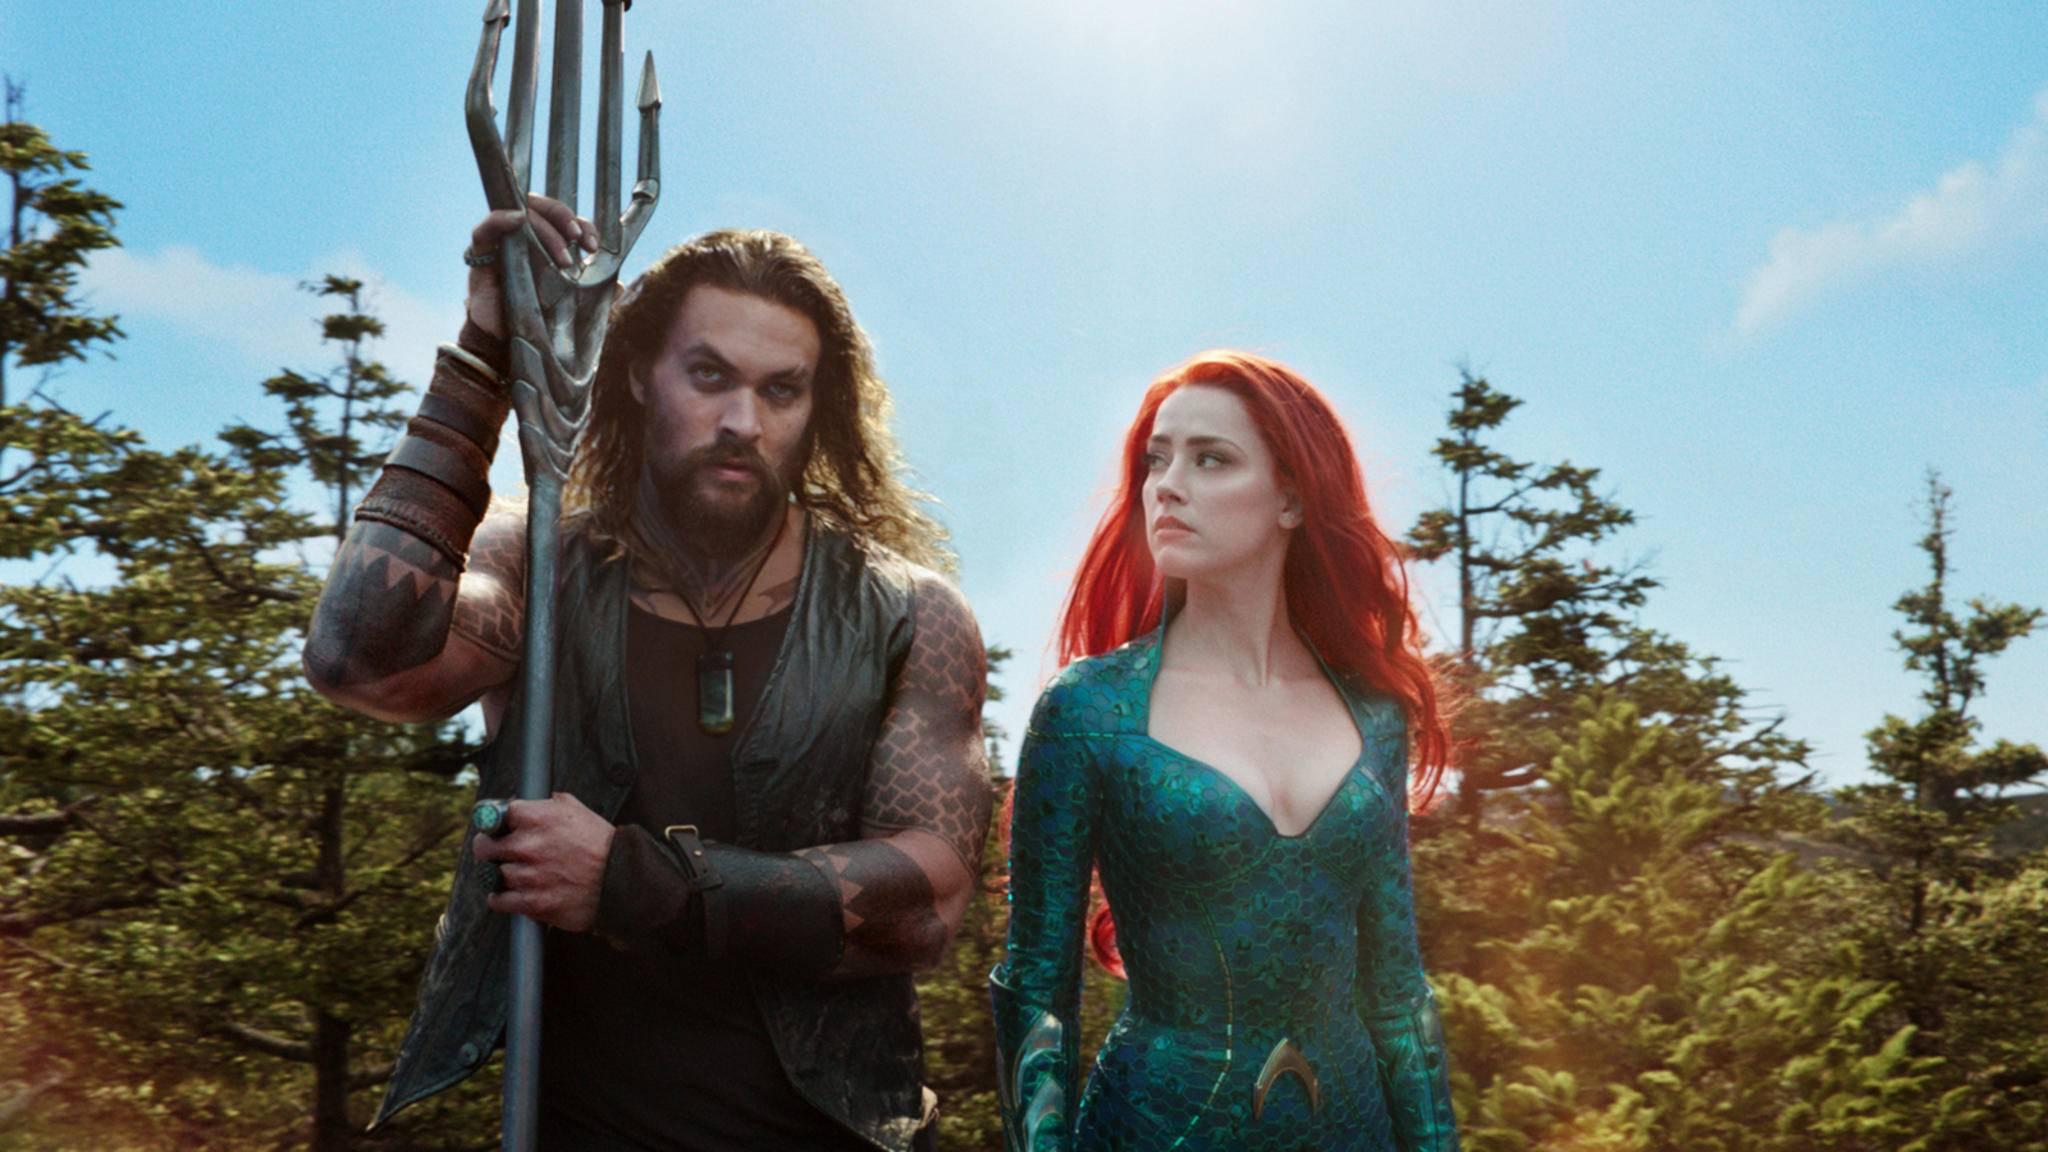 Das zweite Abenteuer rund um Arthur Curry alias Aquaman wird der Feder eines alten Bekannten entspringen.